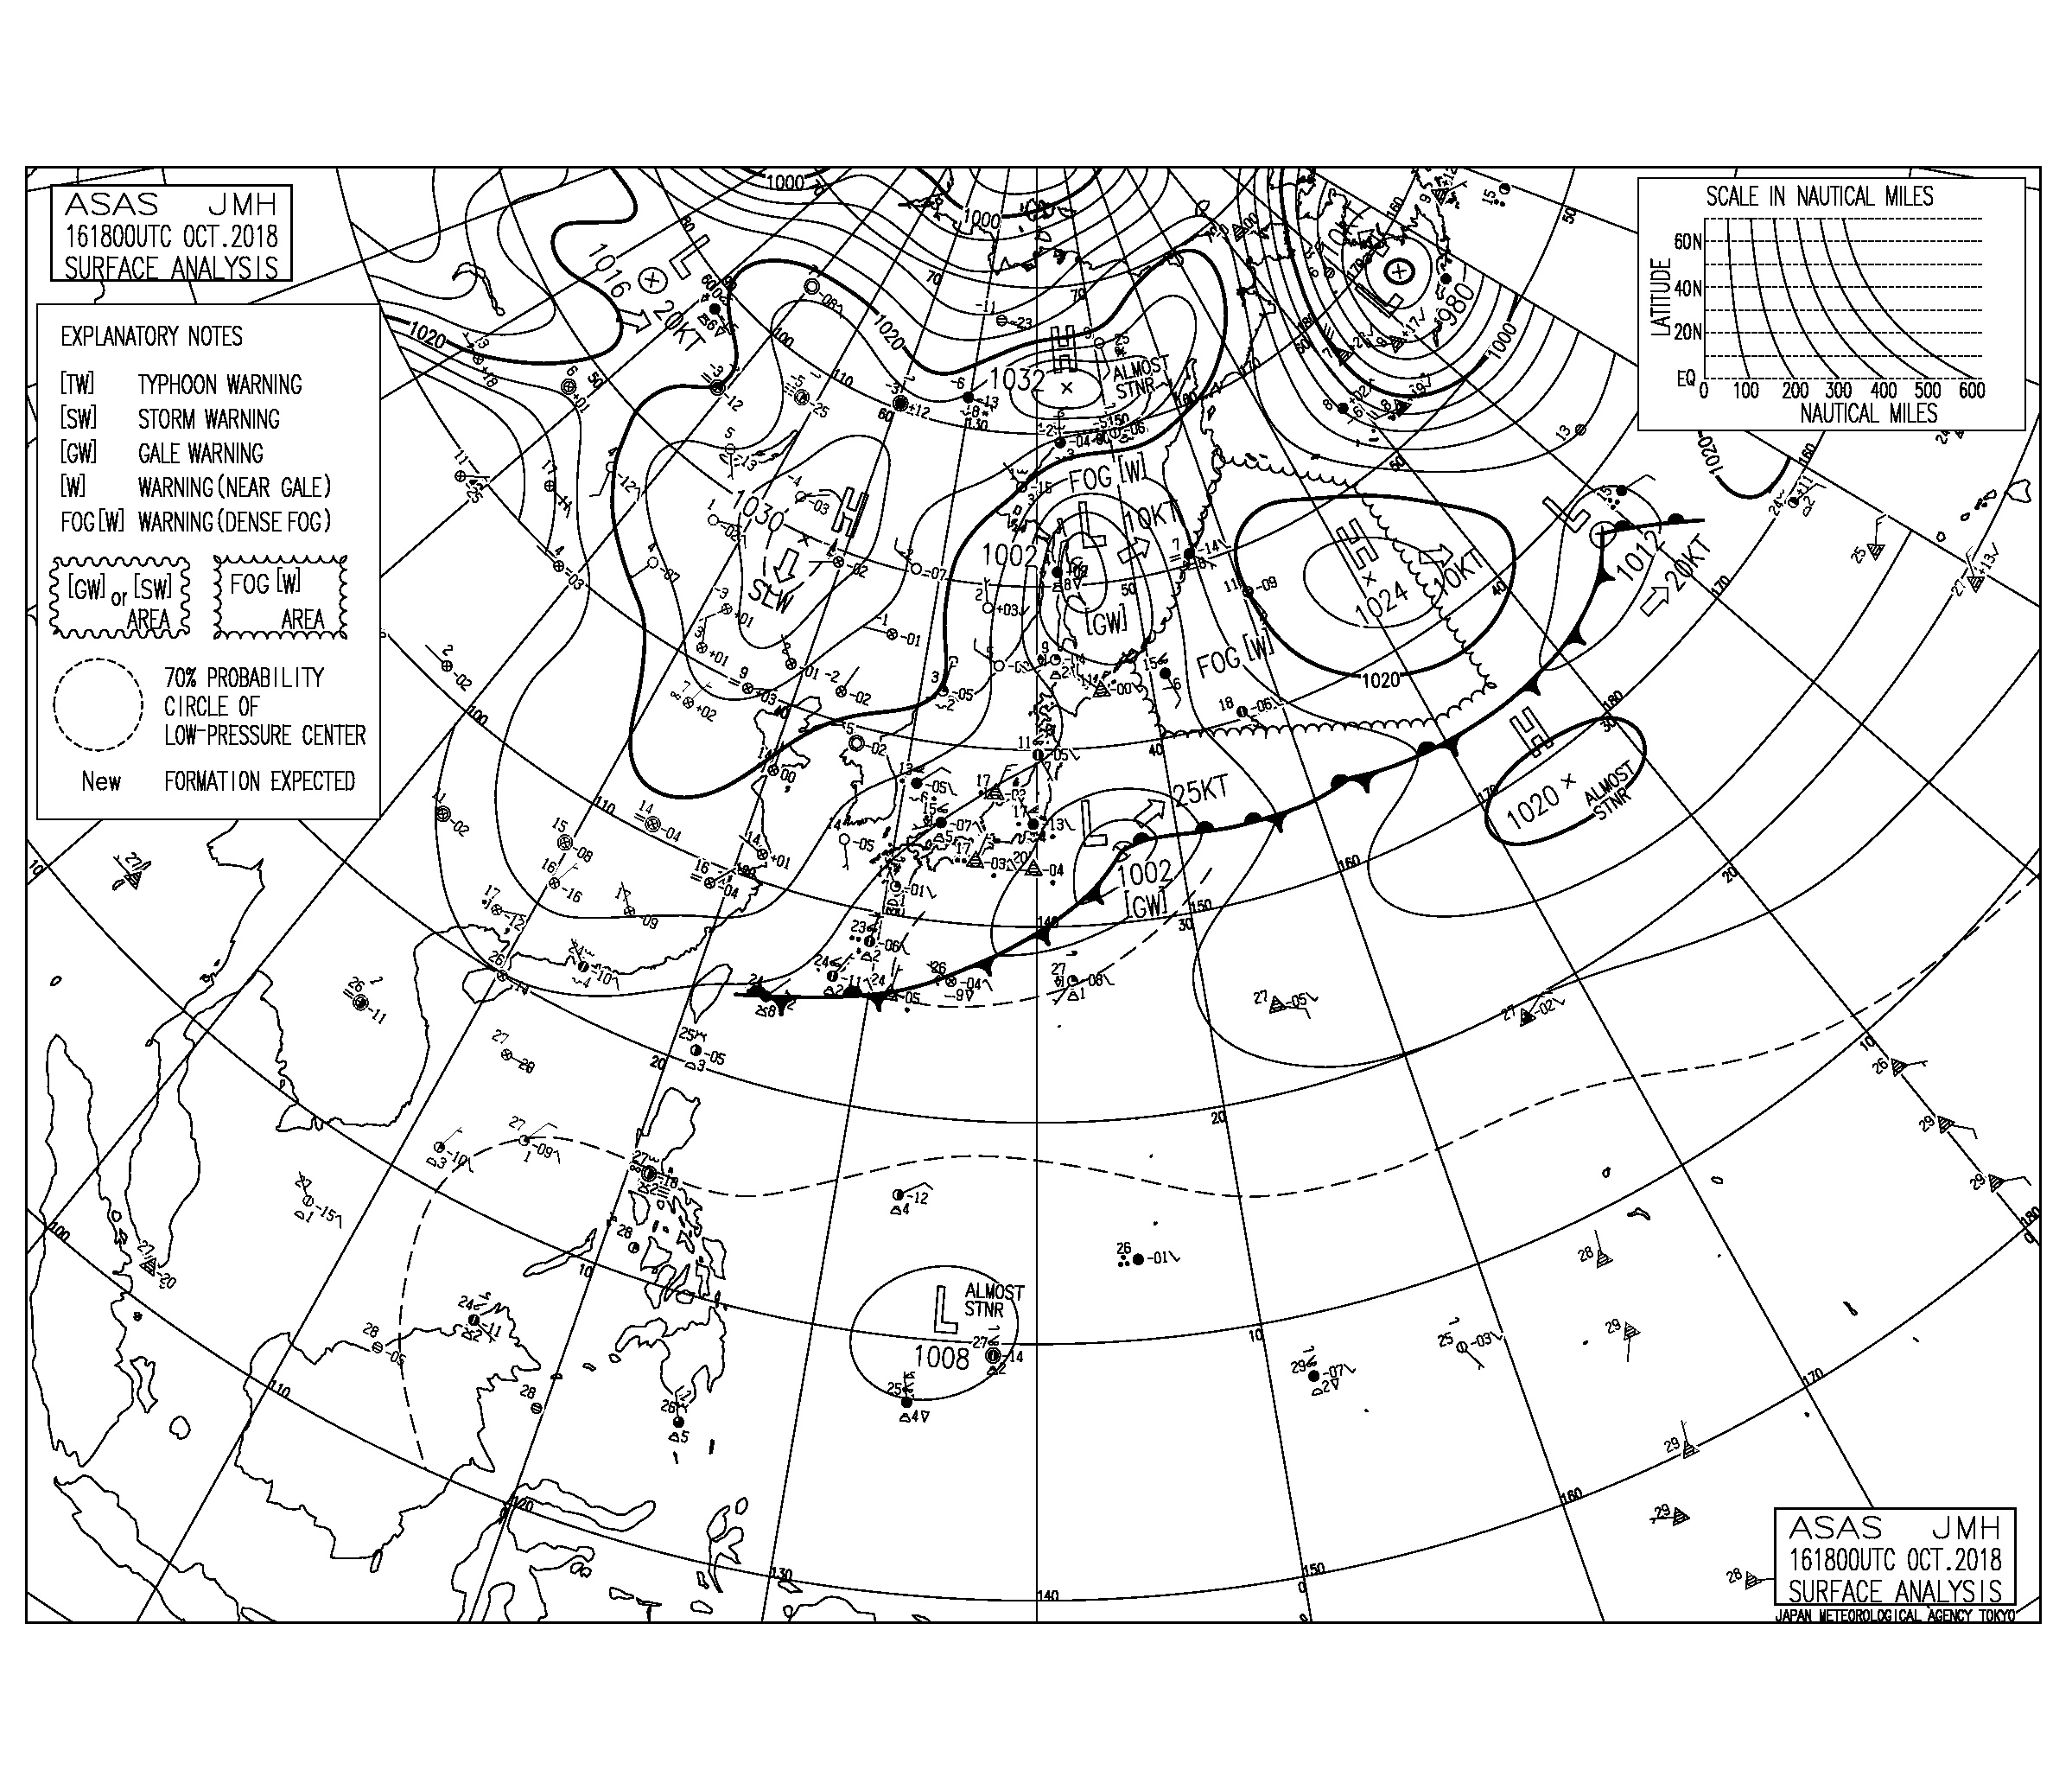 10/17 気圧配置と波情報~東うねりの反応が続くが北東の風がネックな状況も継続、湘南もしばらく波は期待できなそう